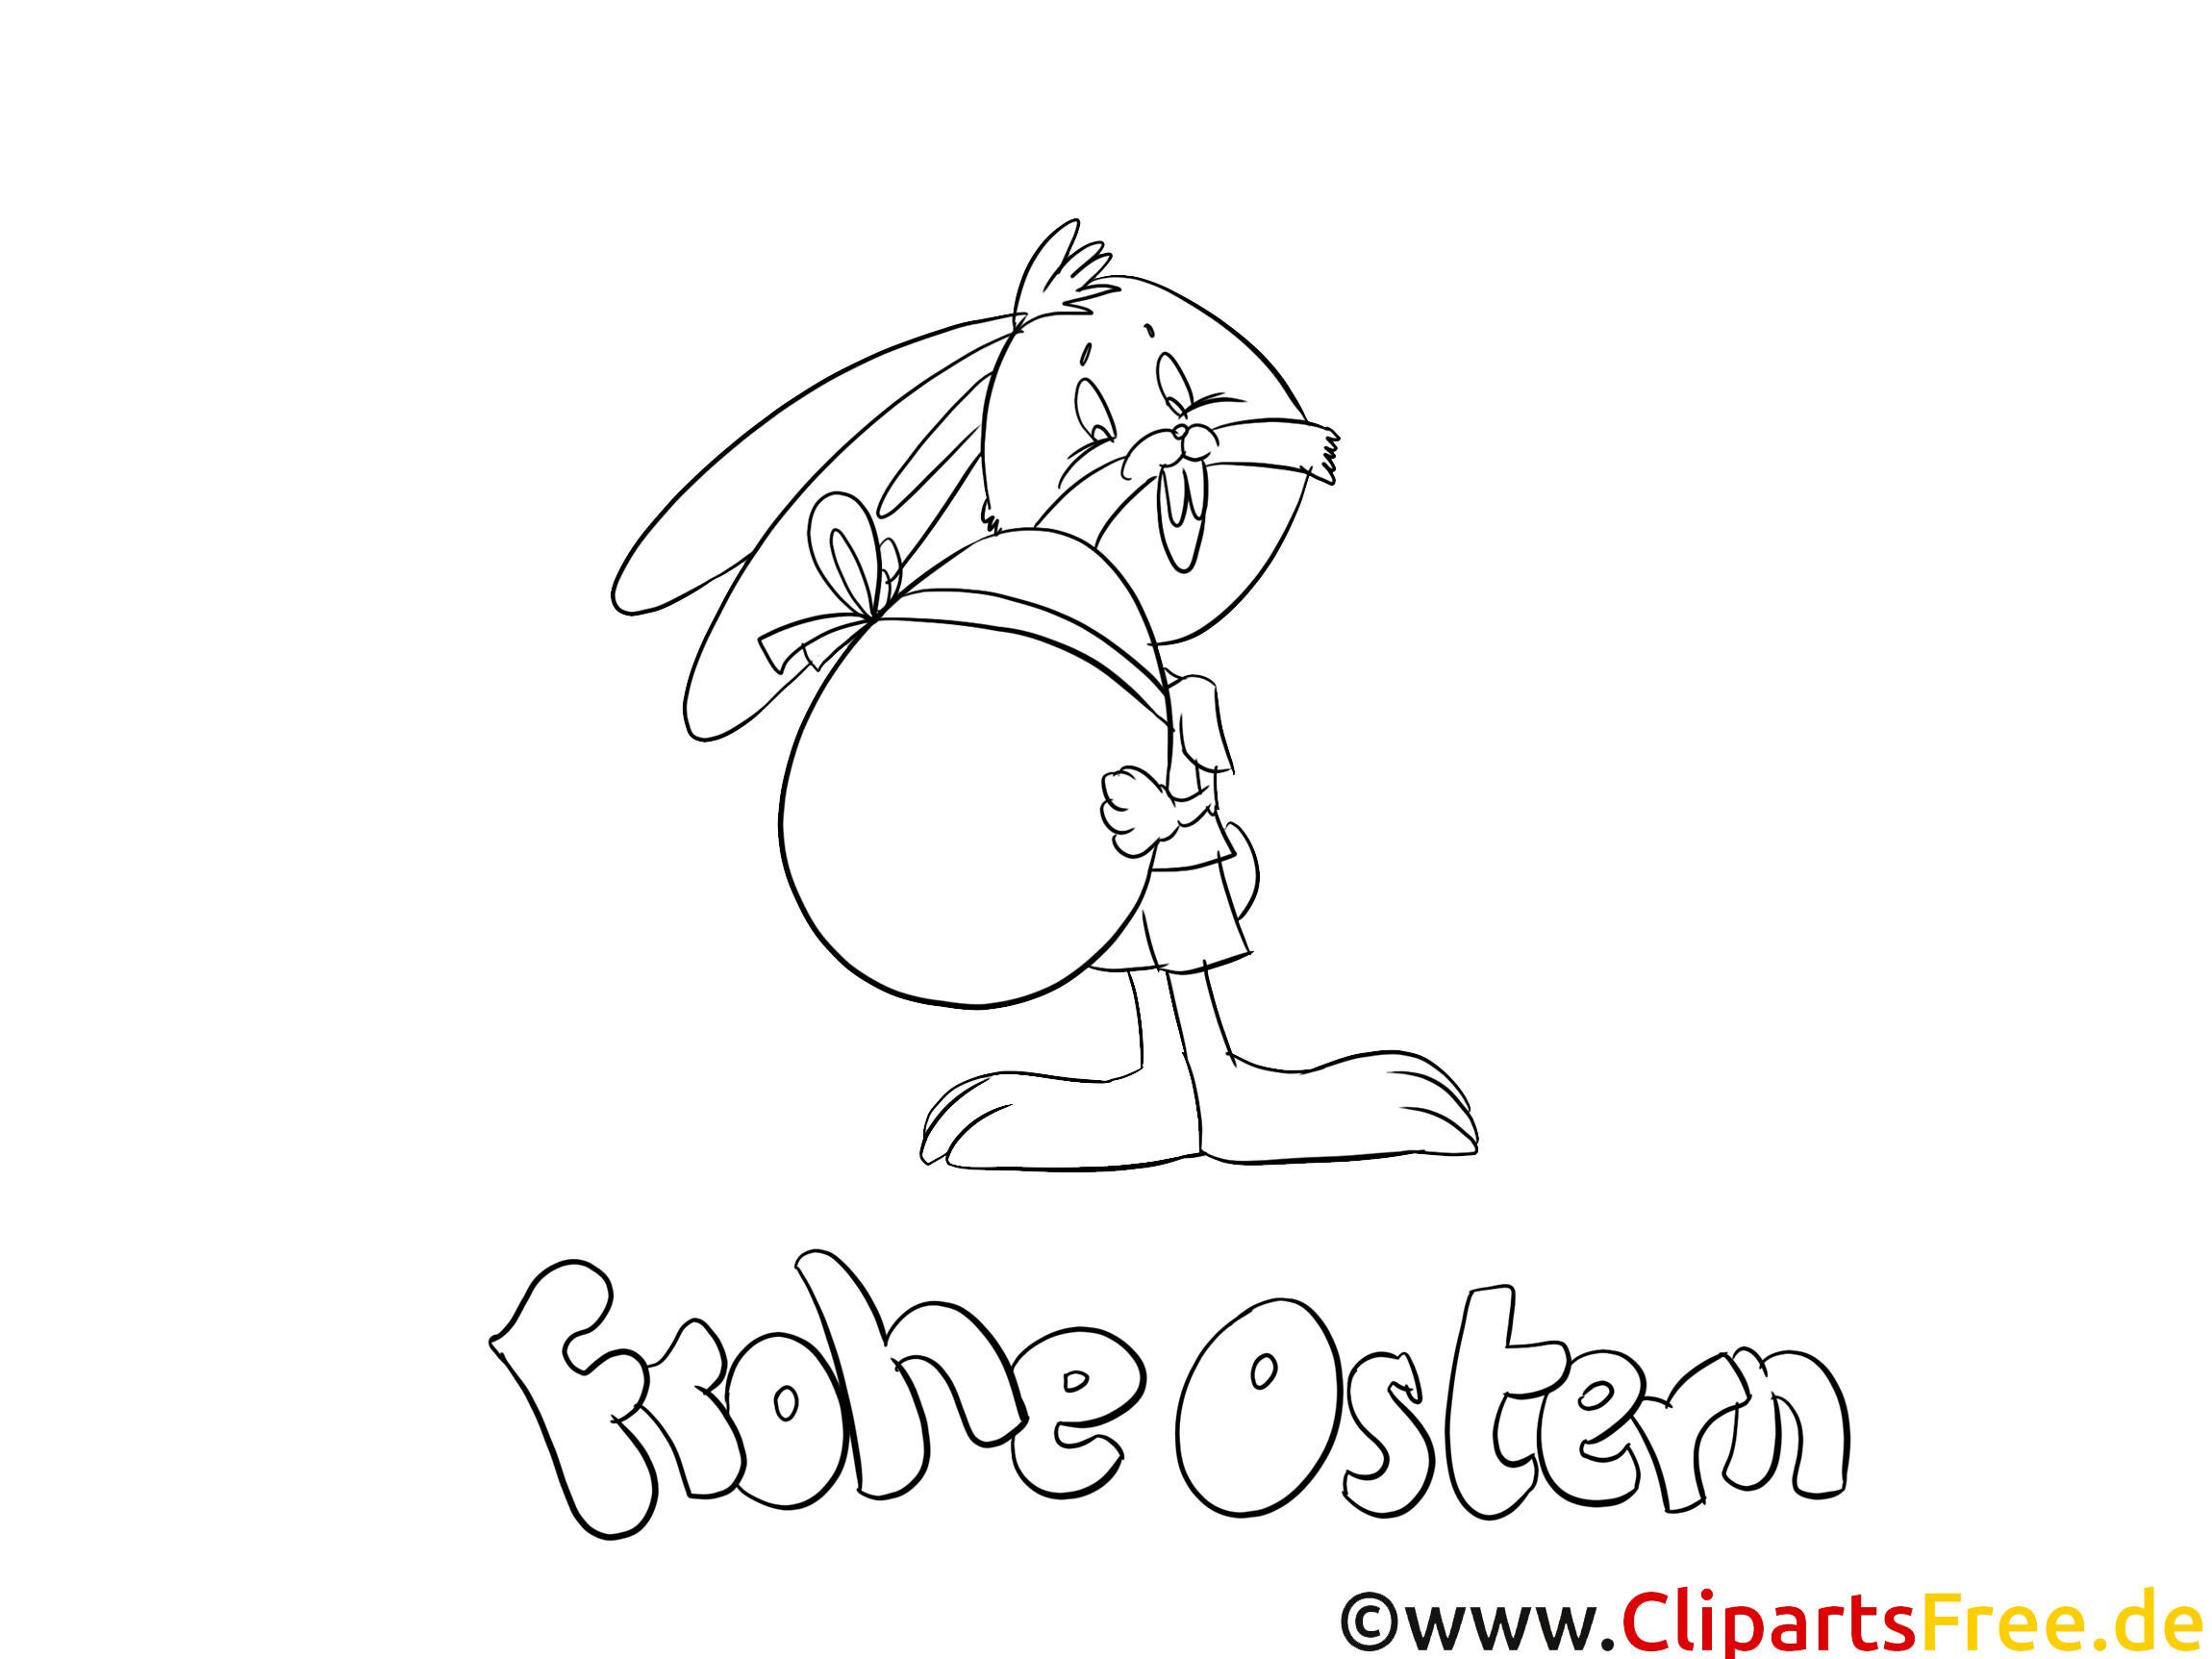 Frohe Ostern Bilder Zum Ausmalen Das Beste Von 28 Schön Frohe Ostern Ausmalbilder Mickeycarrollmunchkin Stock